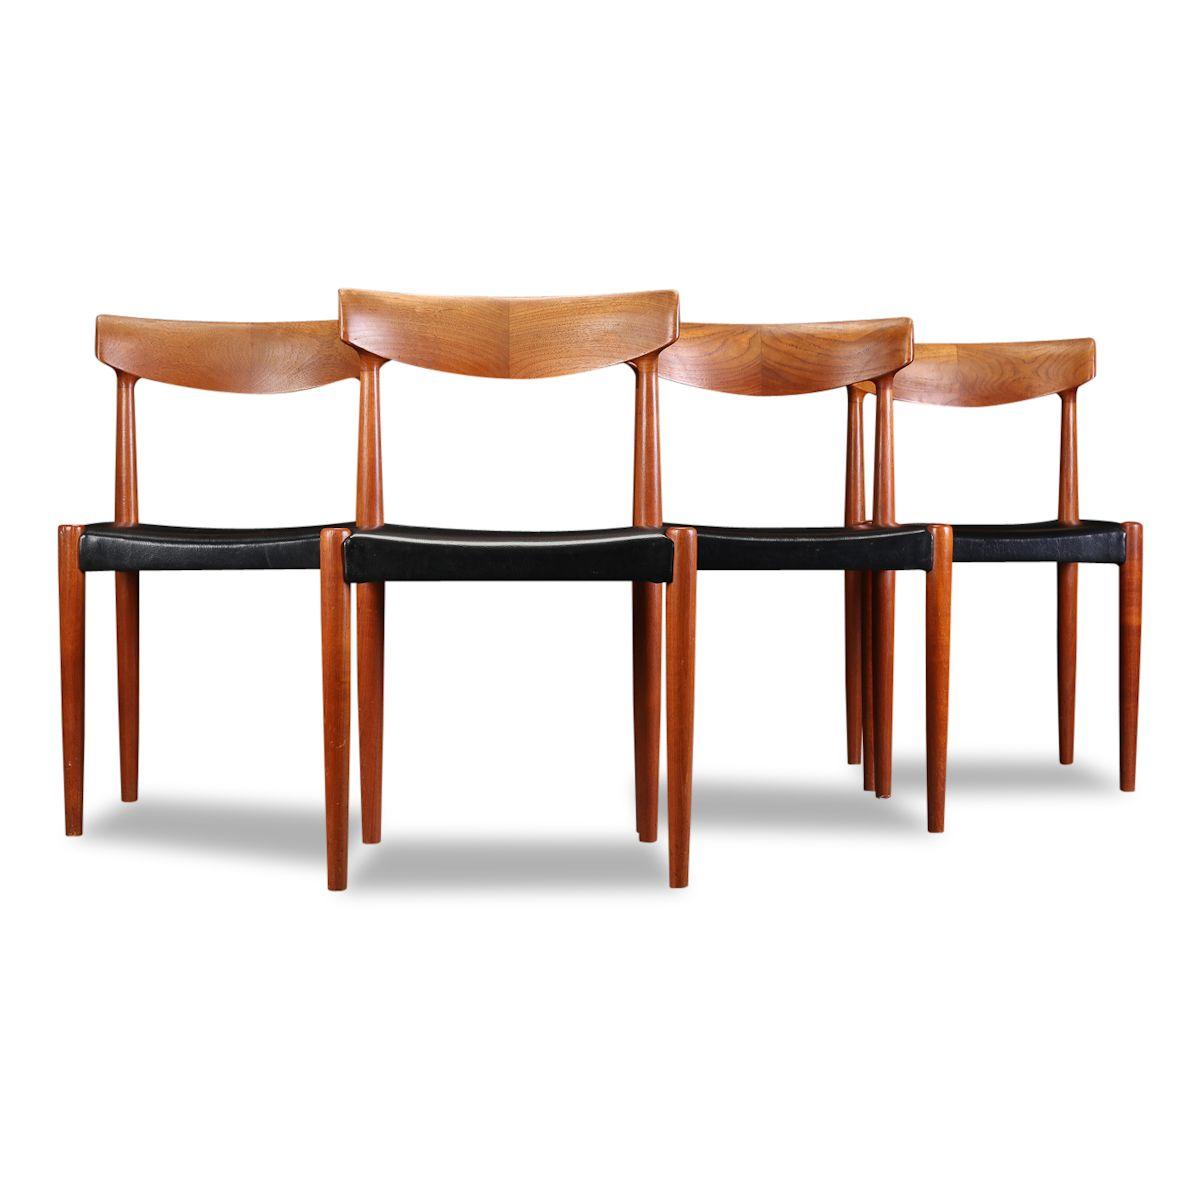 Vintage Knud Faerch teak stoelen